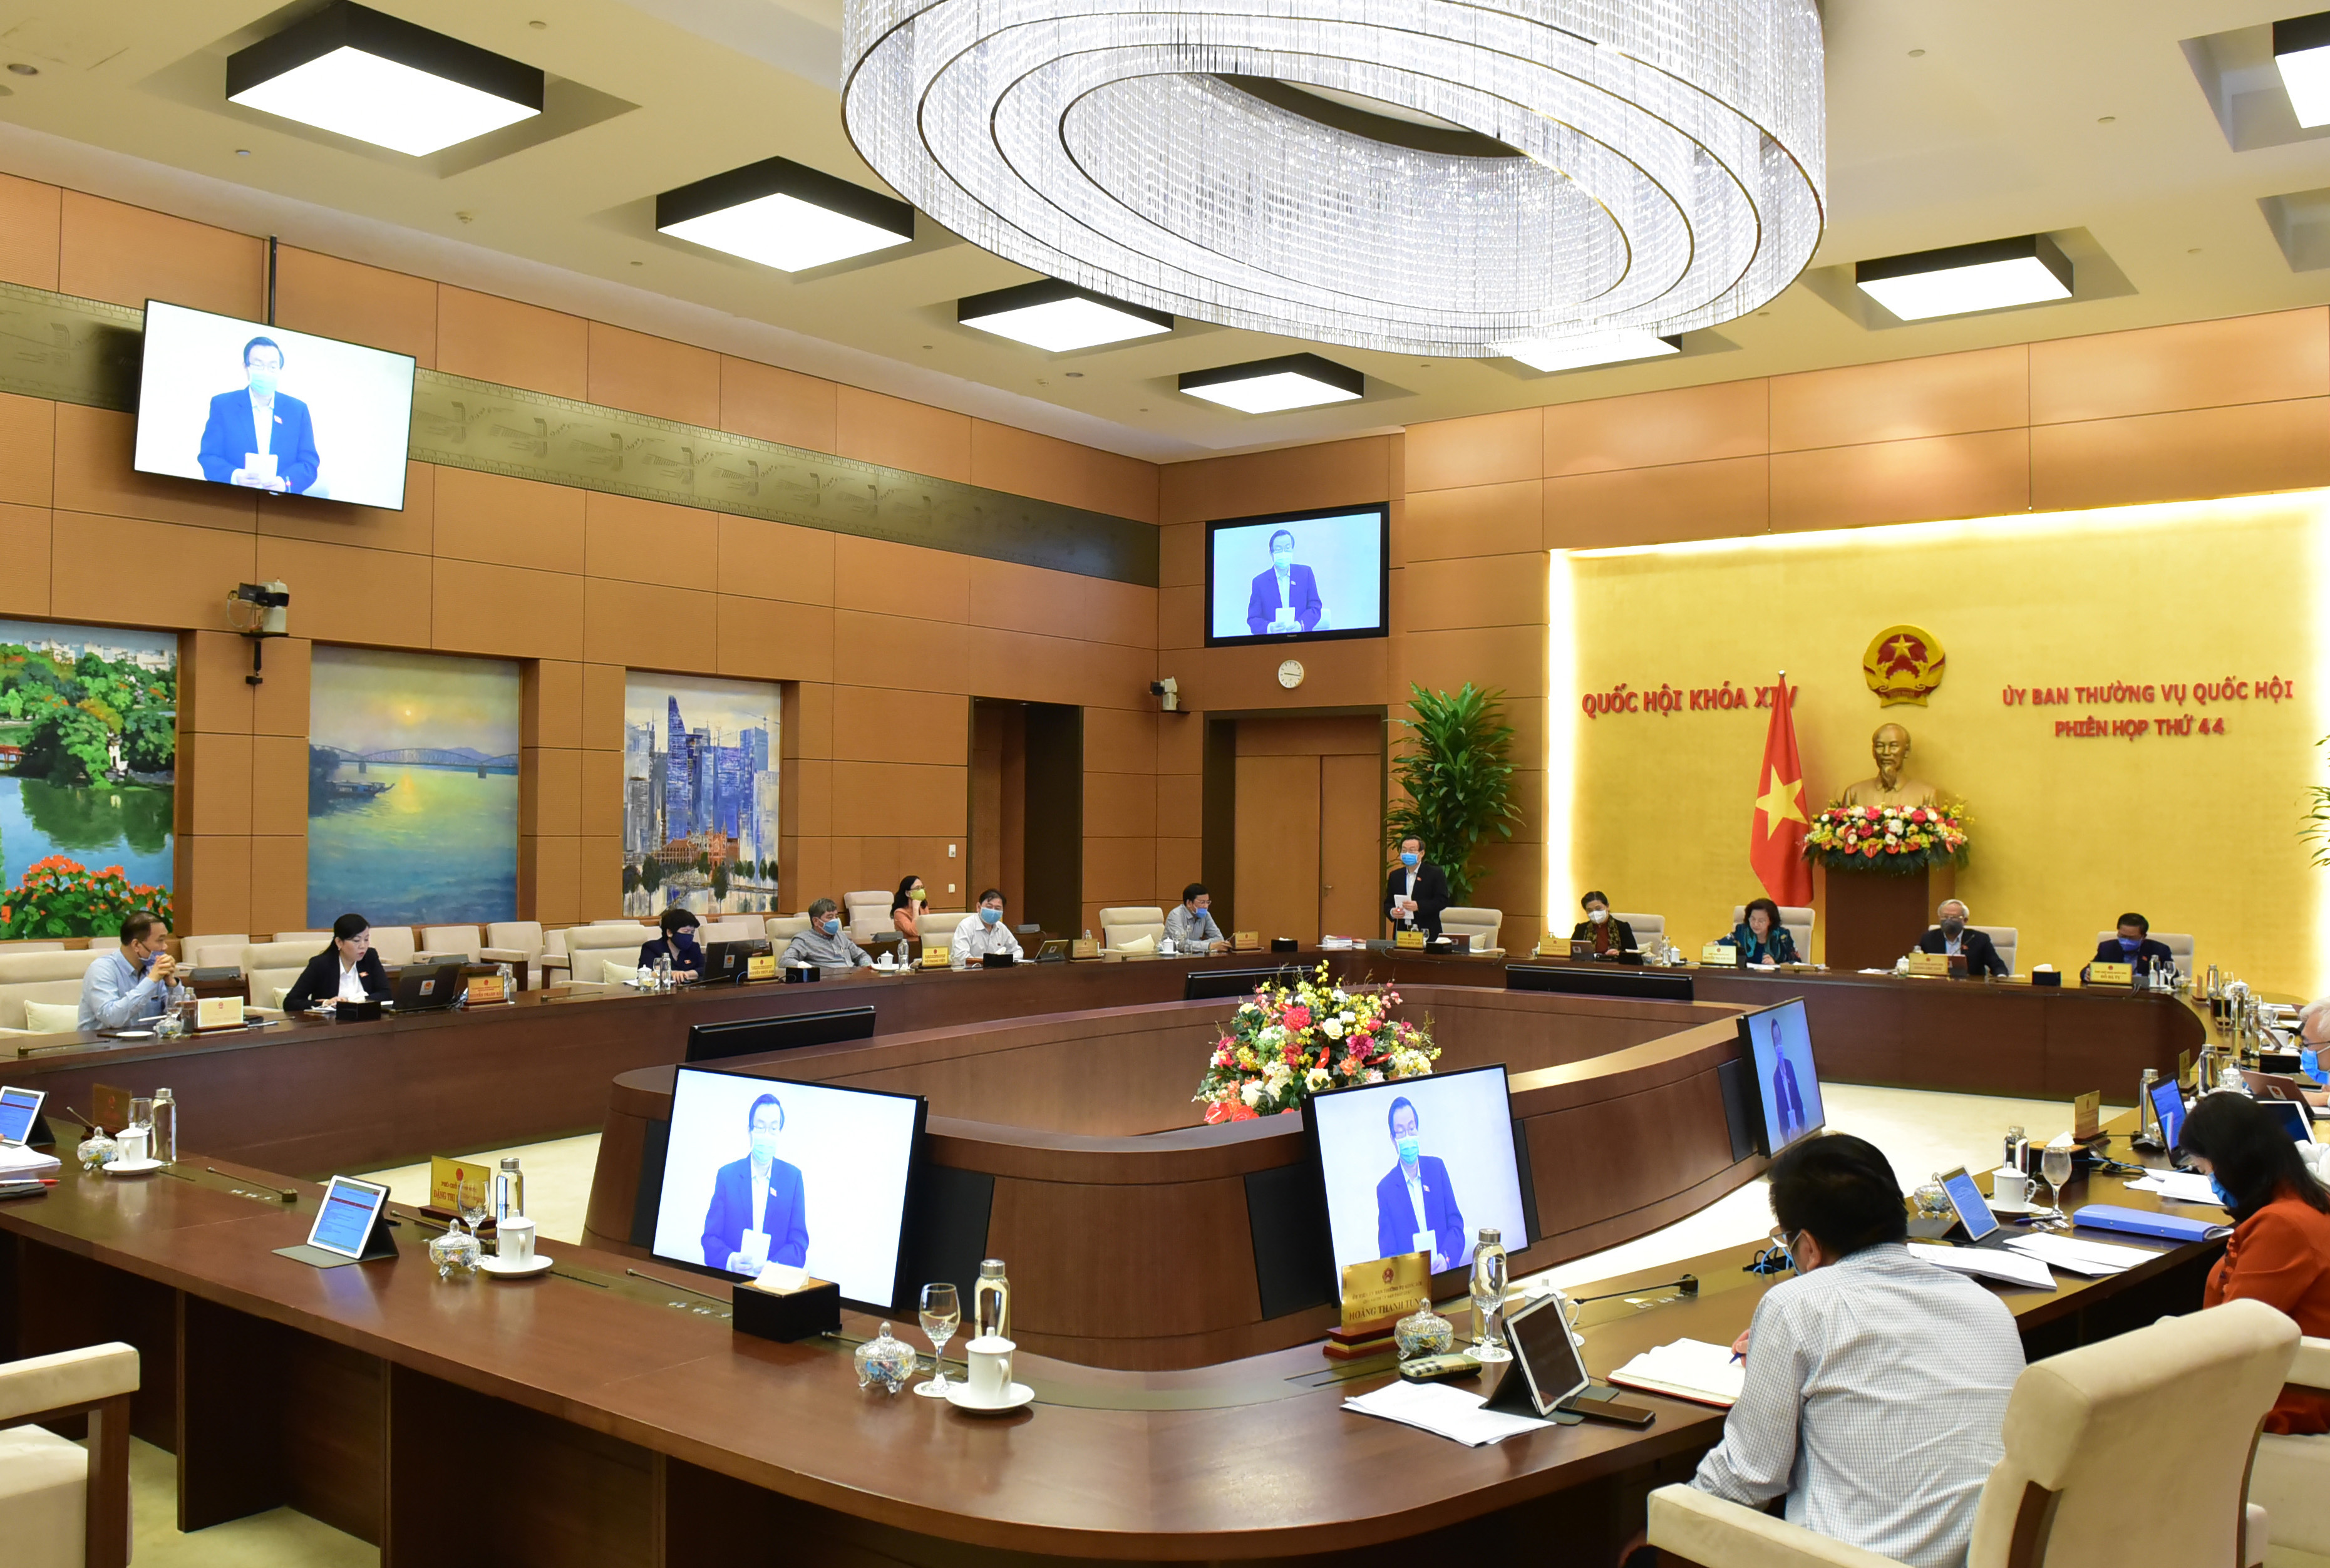 Toàn cảnh phiên họp của UBTVQH sáng 28/4. Ảnh: VGP/ Lê Sơn.